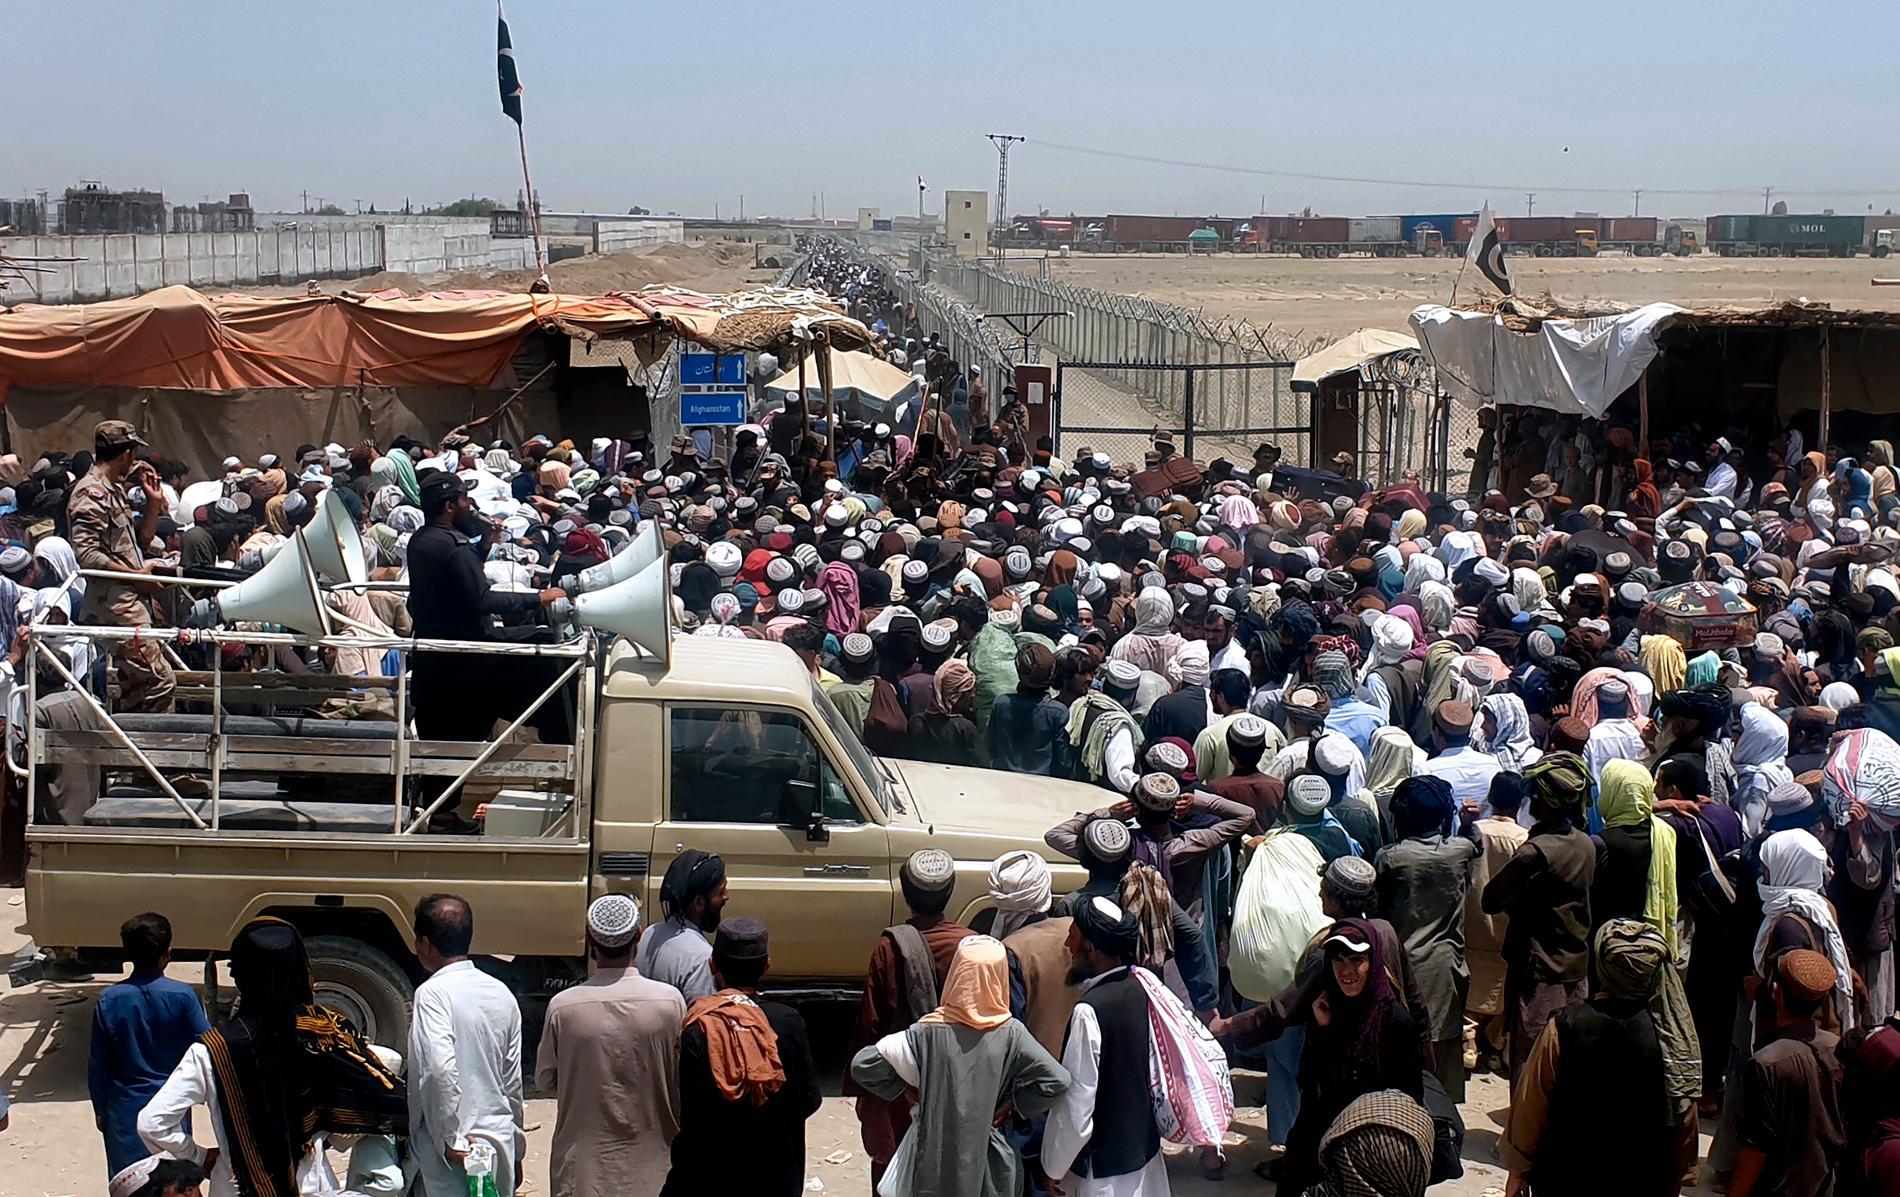 Många desperata resande försöker navigera den osäkra miljön vid gränsstationen Chaman. Bild från den 17 juli.